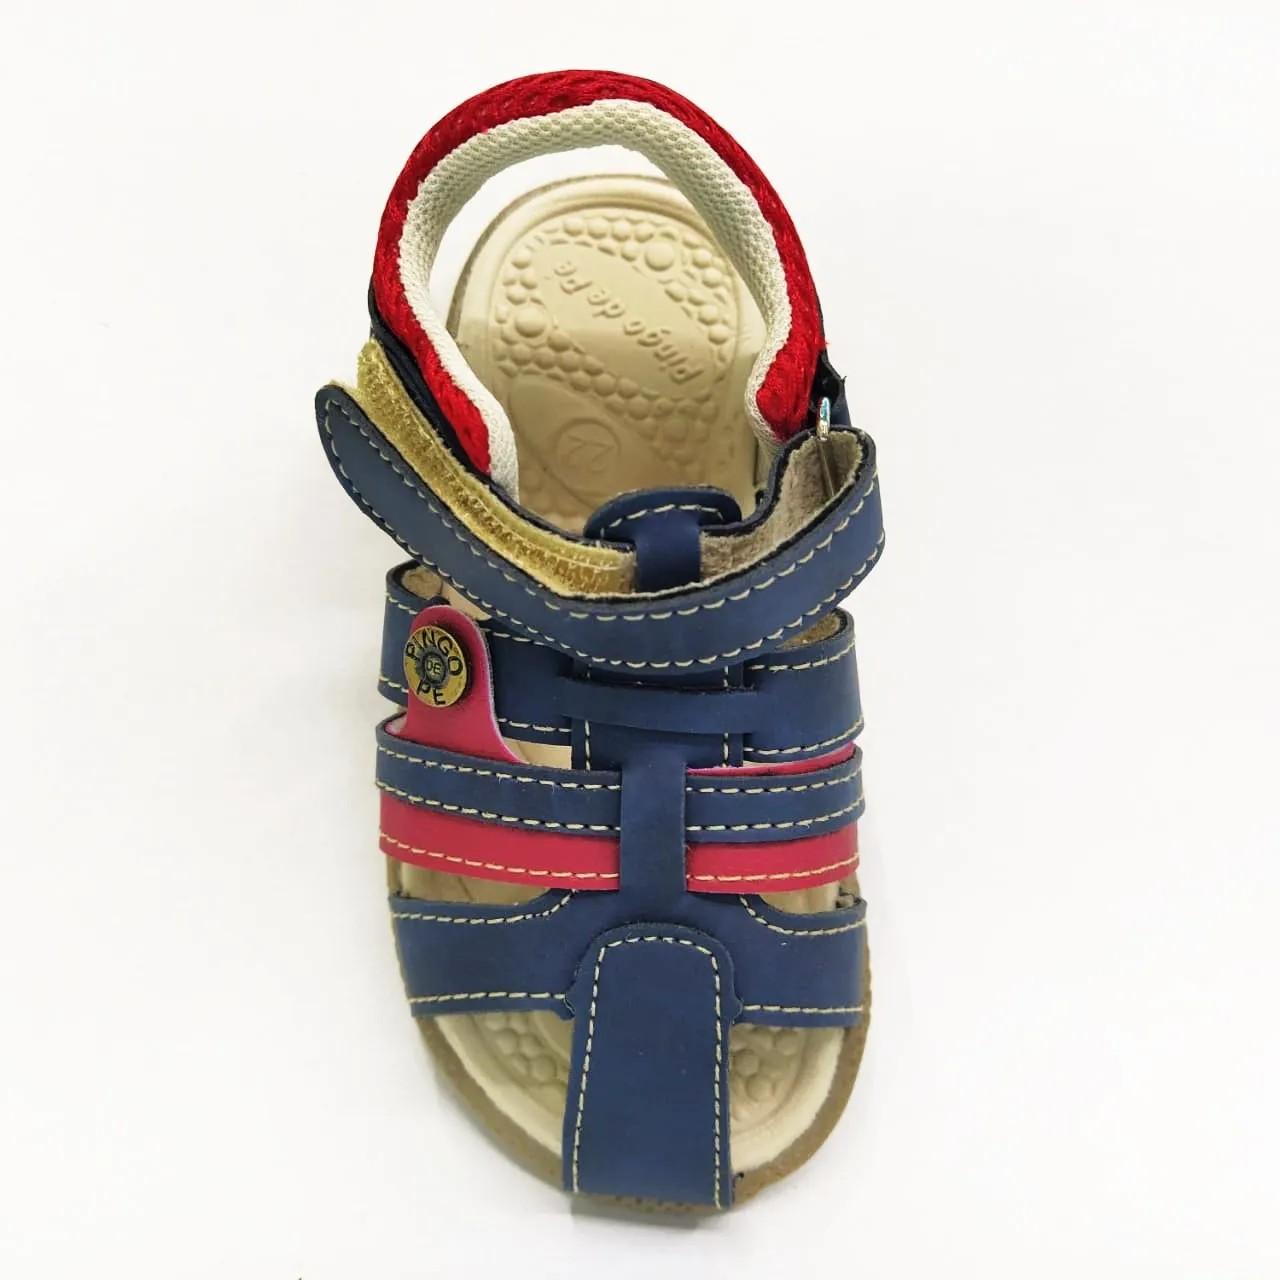 Sandália infantil Pingo de Pé 1384-087 - Mar / Vermelho